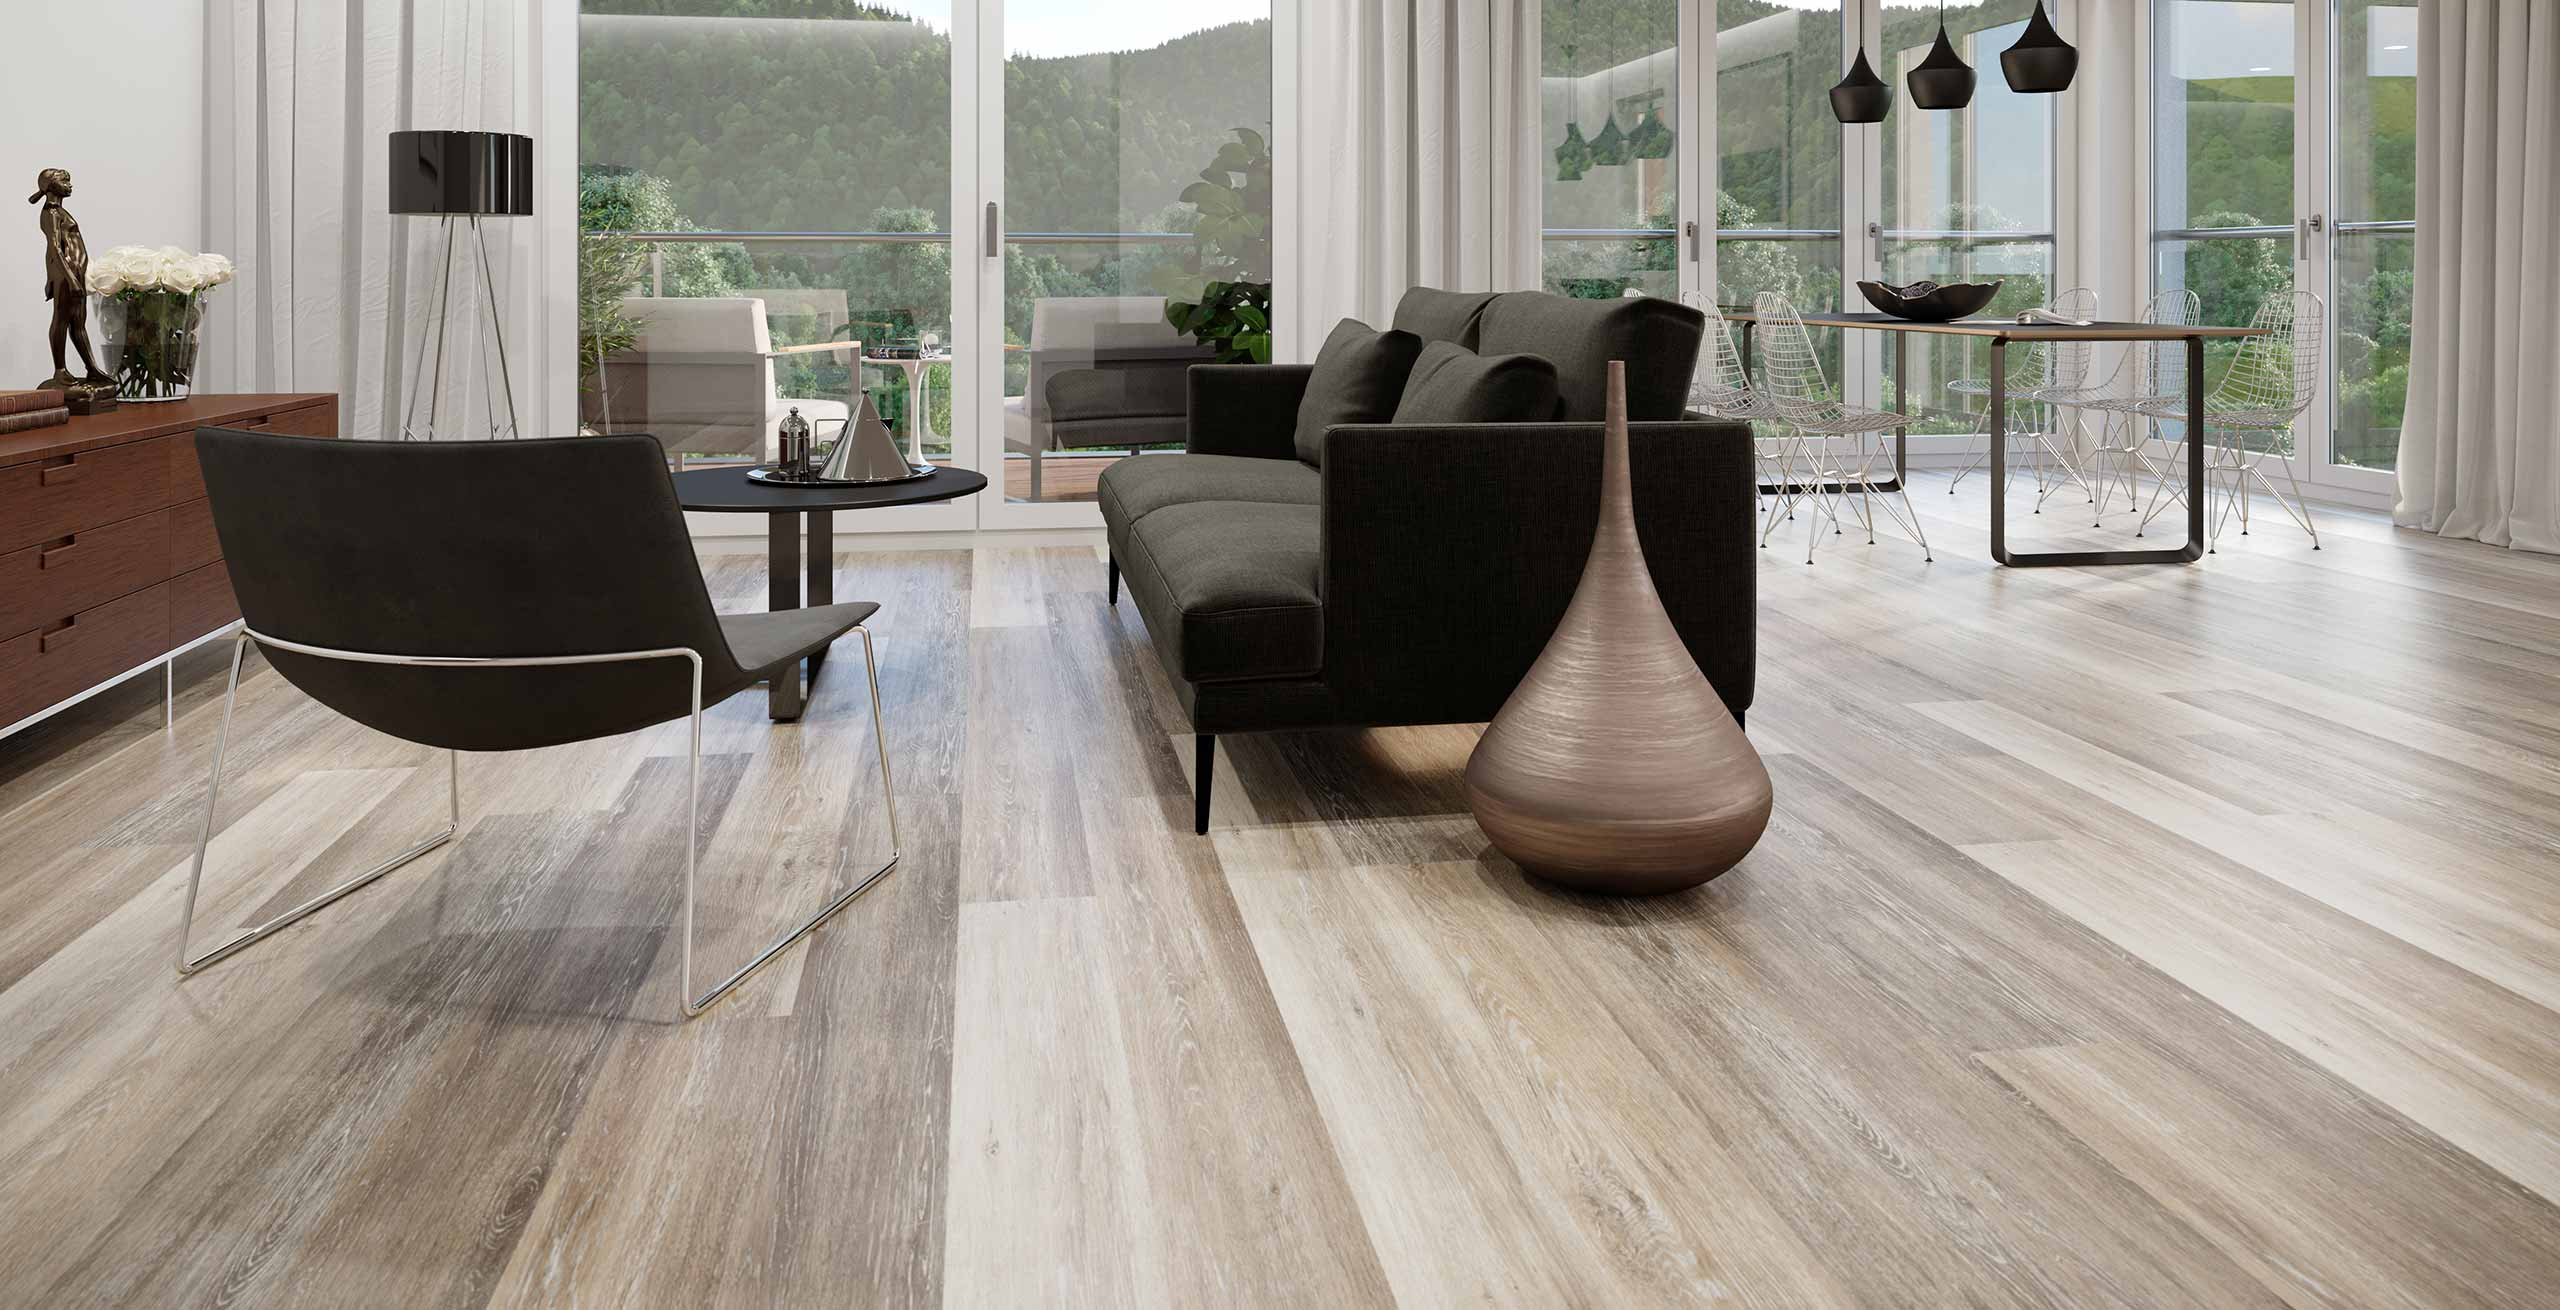 Ebenebild Vinylboden | Produkte Linien Premium